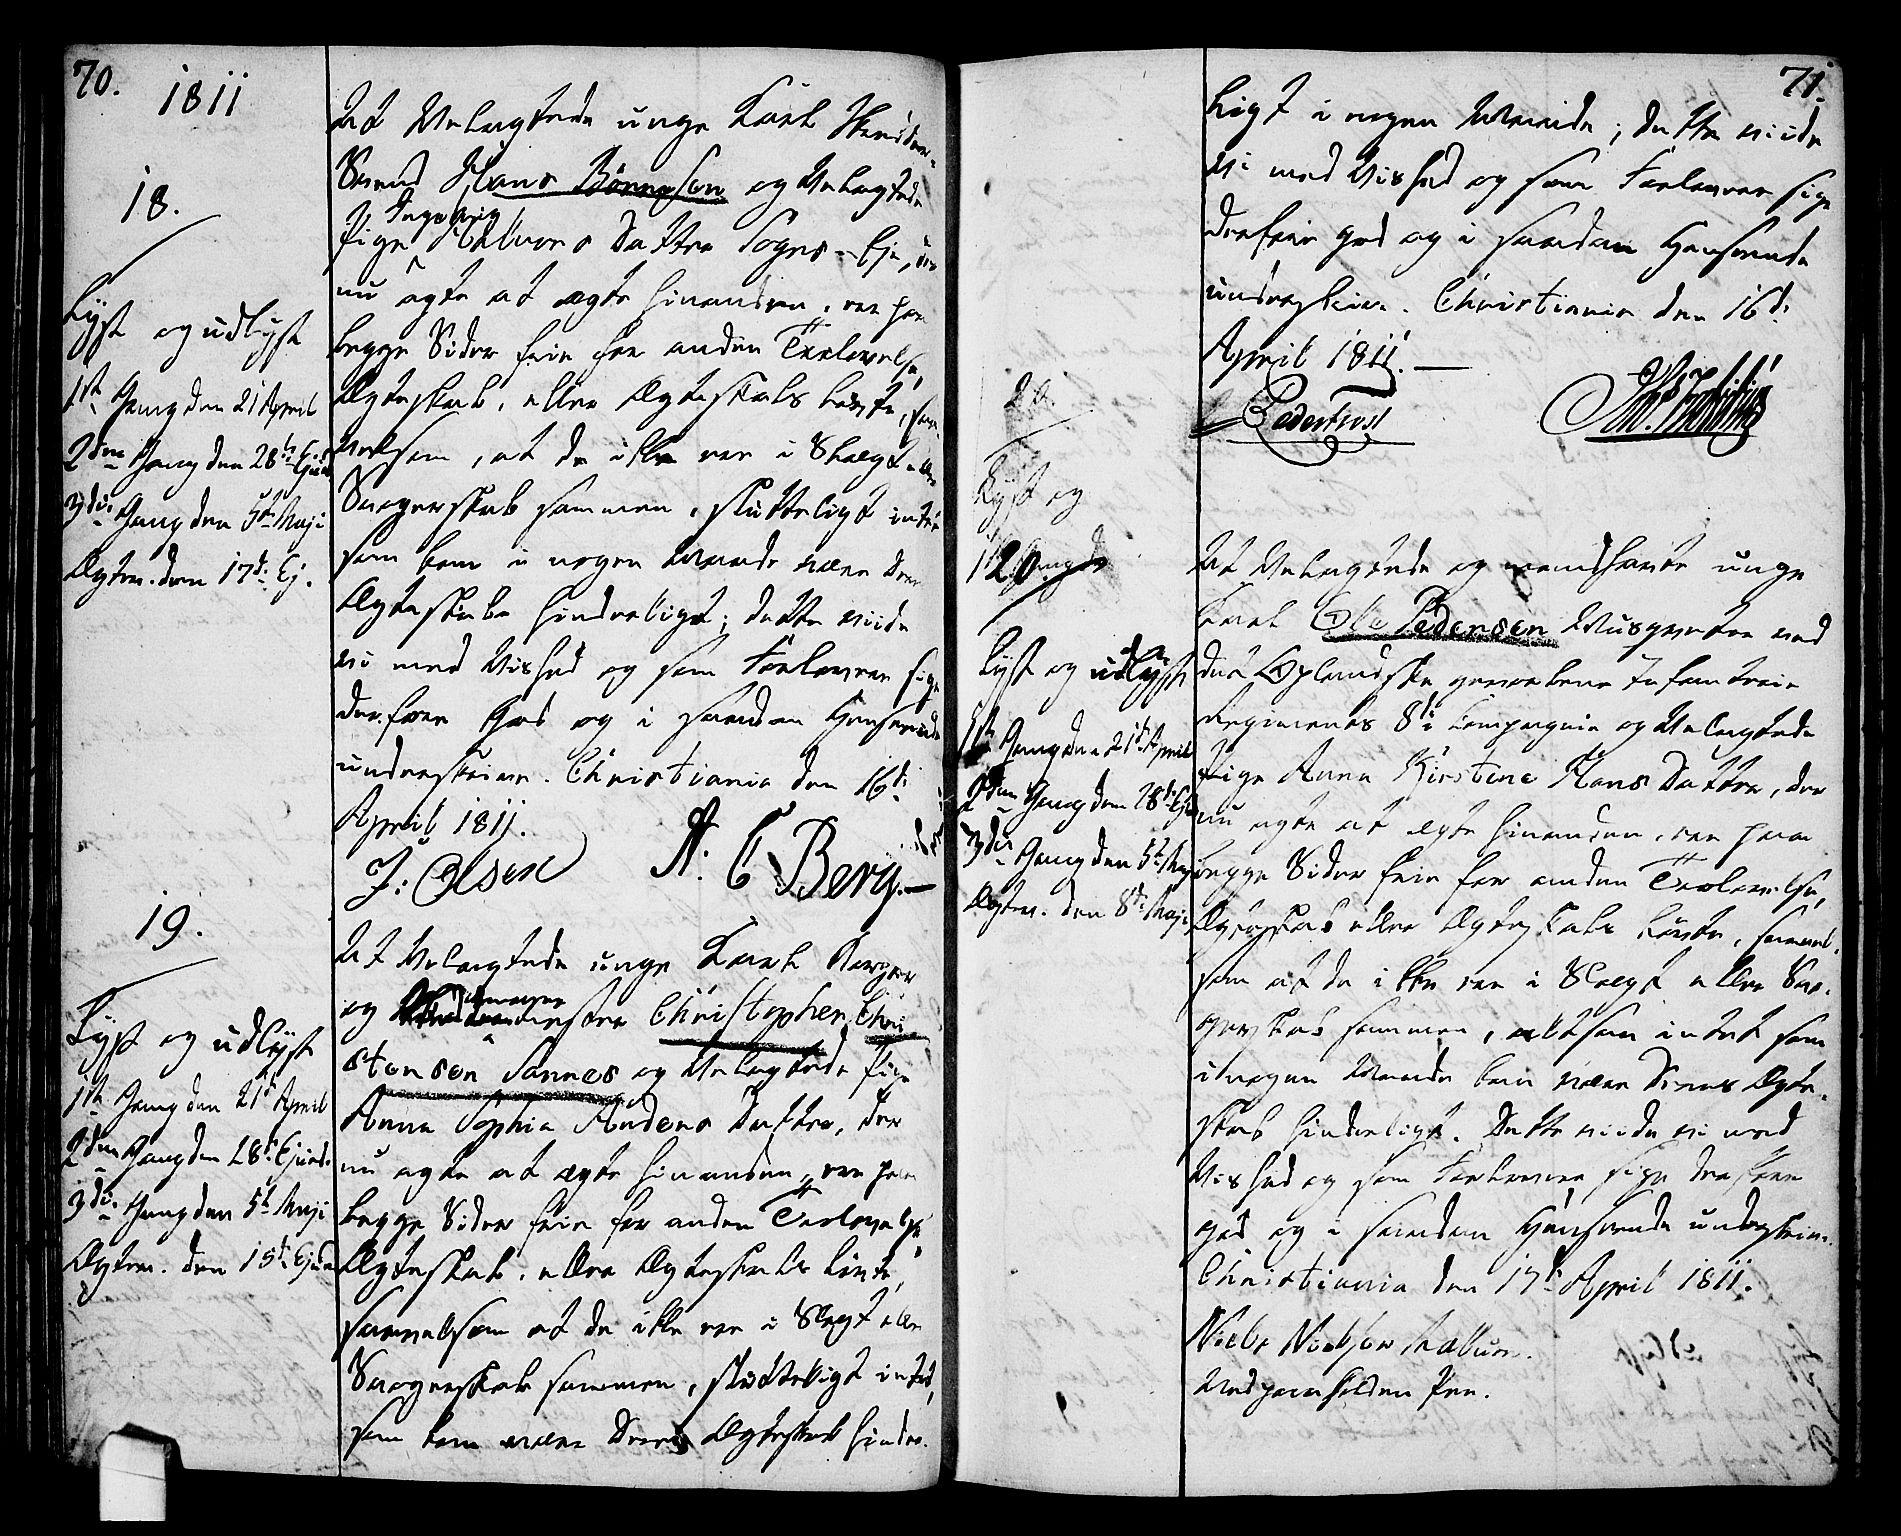 SAO, Oslo domkirke Kirkebøker, L/La/L0011: Forlovererklæringer nr. 11, 1807-1819, s. 70-71